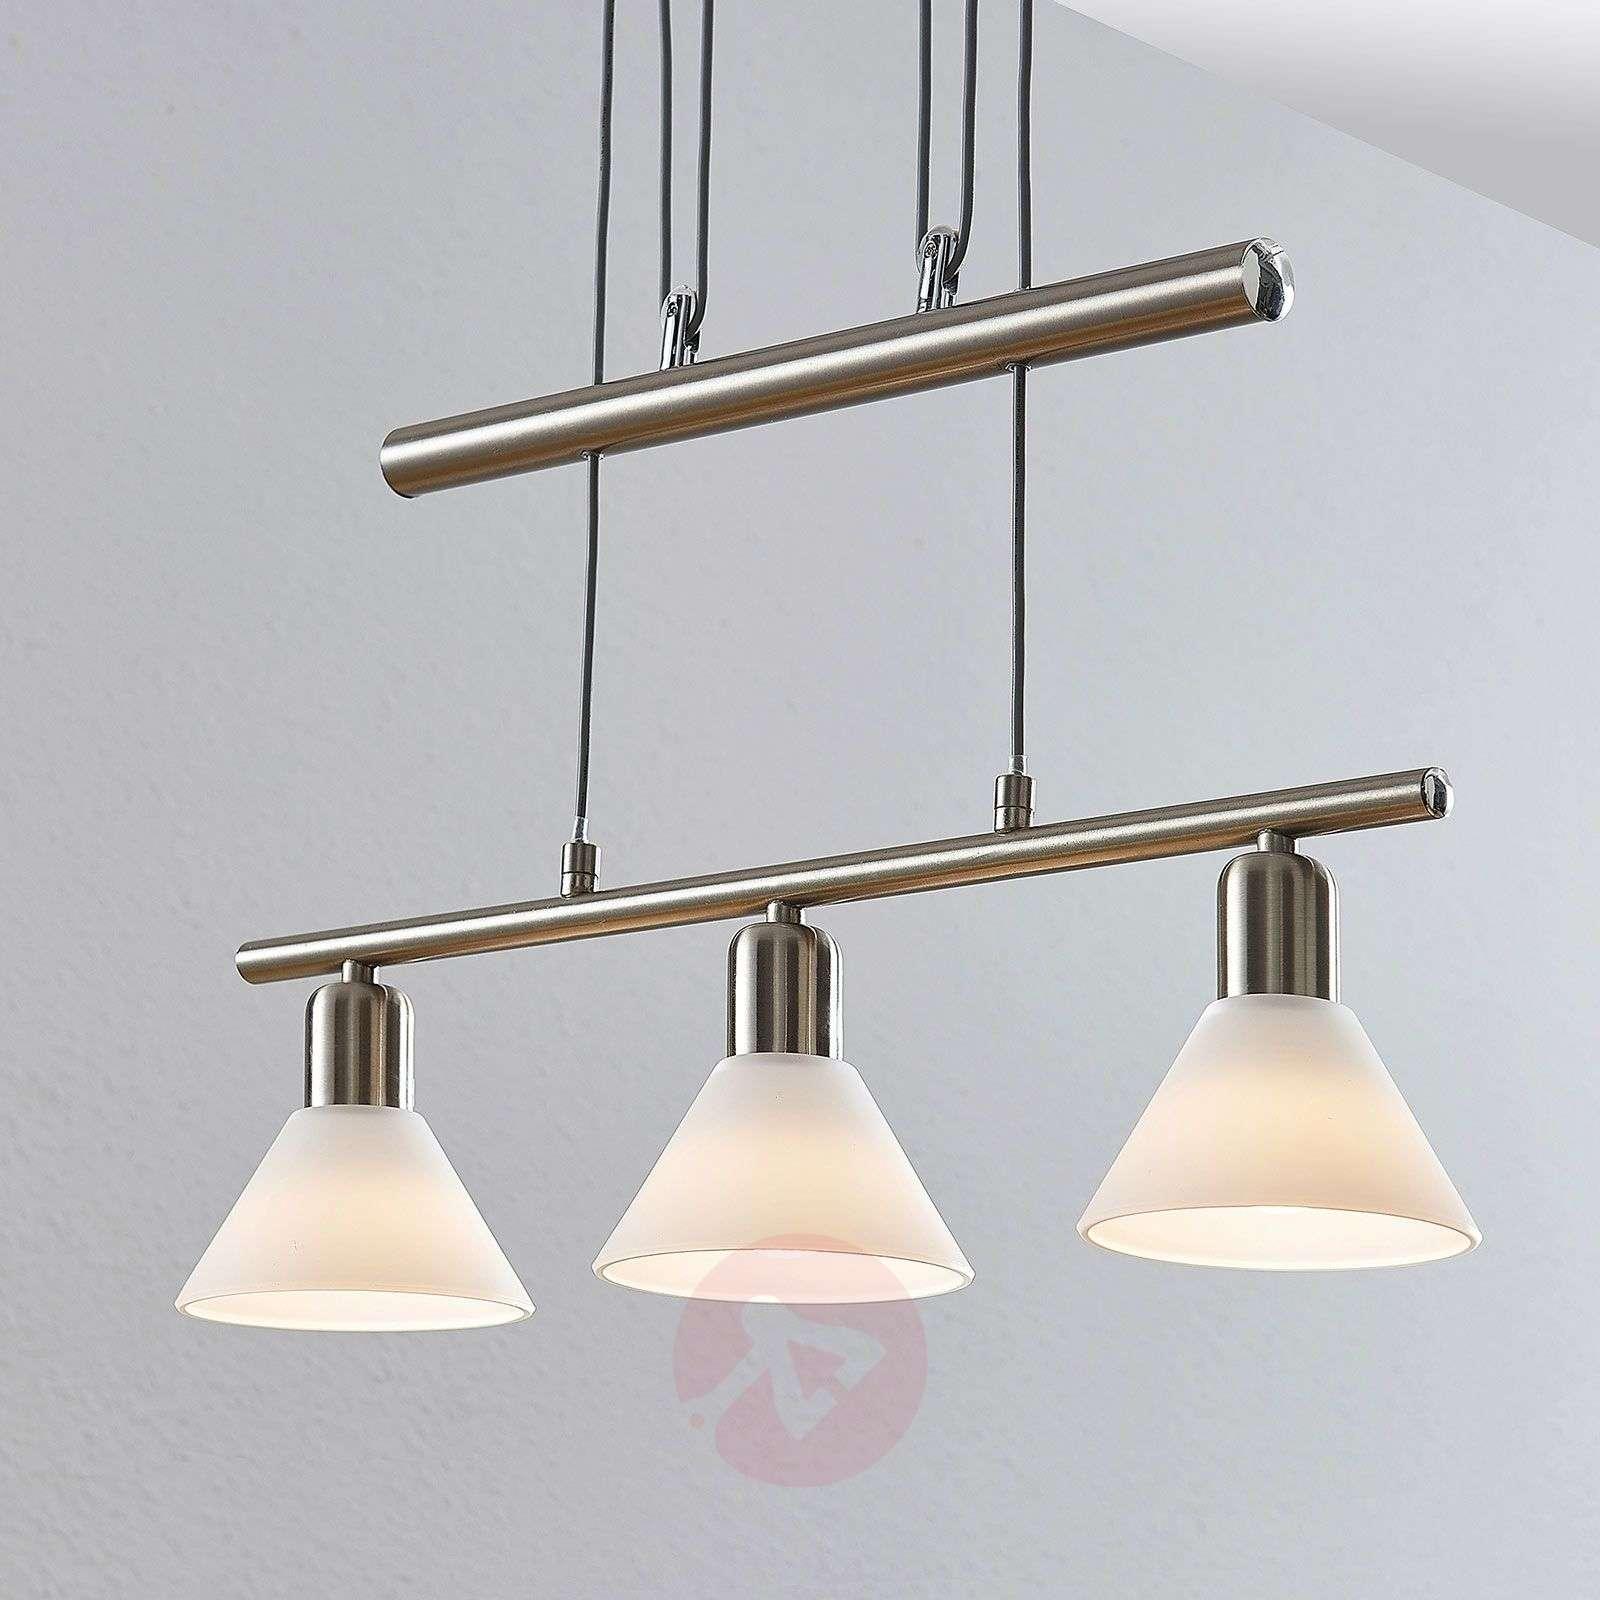 Riippuvalaisin Delira 3-lamppuinen nikkeli-9624694-01